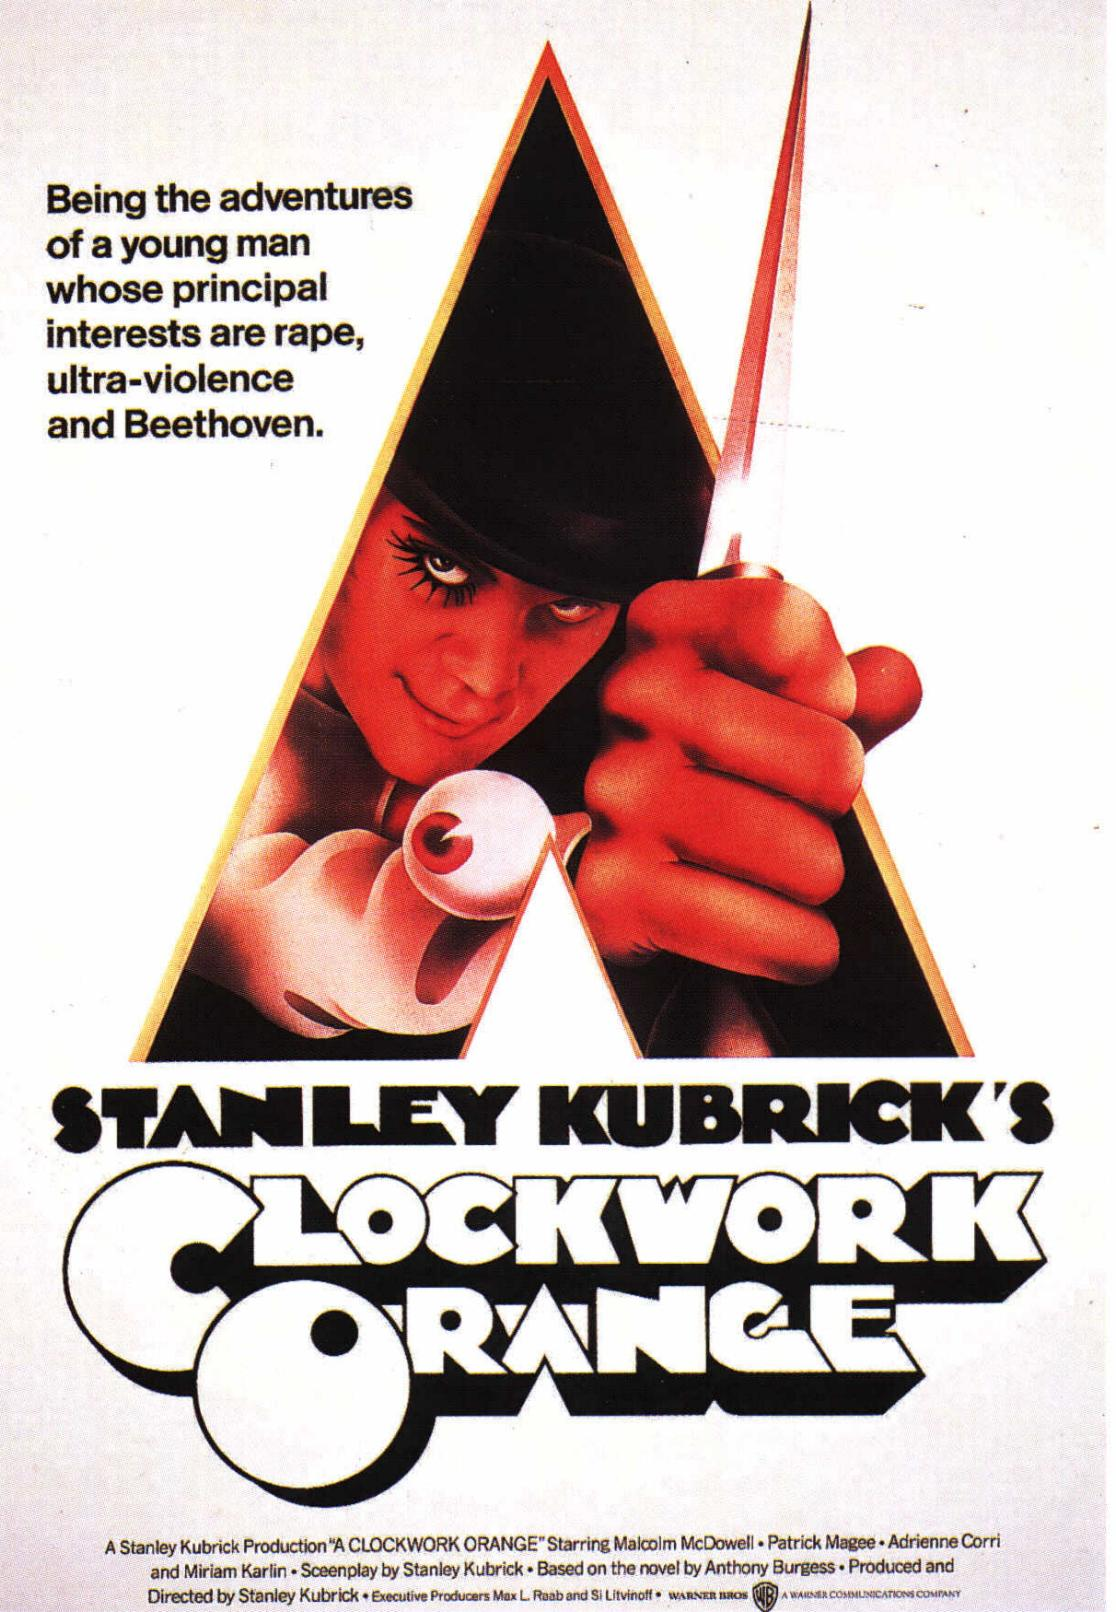 clockwork poster The Real Cure: A Clockwork Oranges Missing Ending